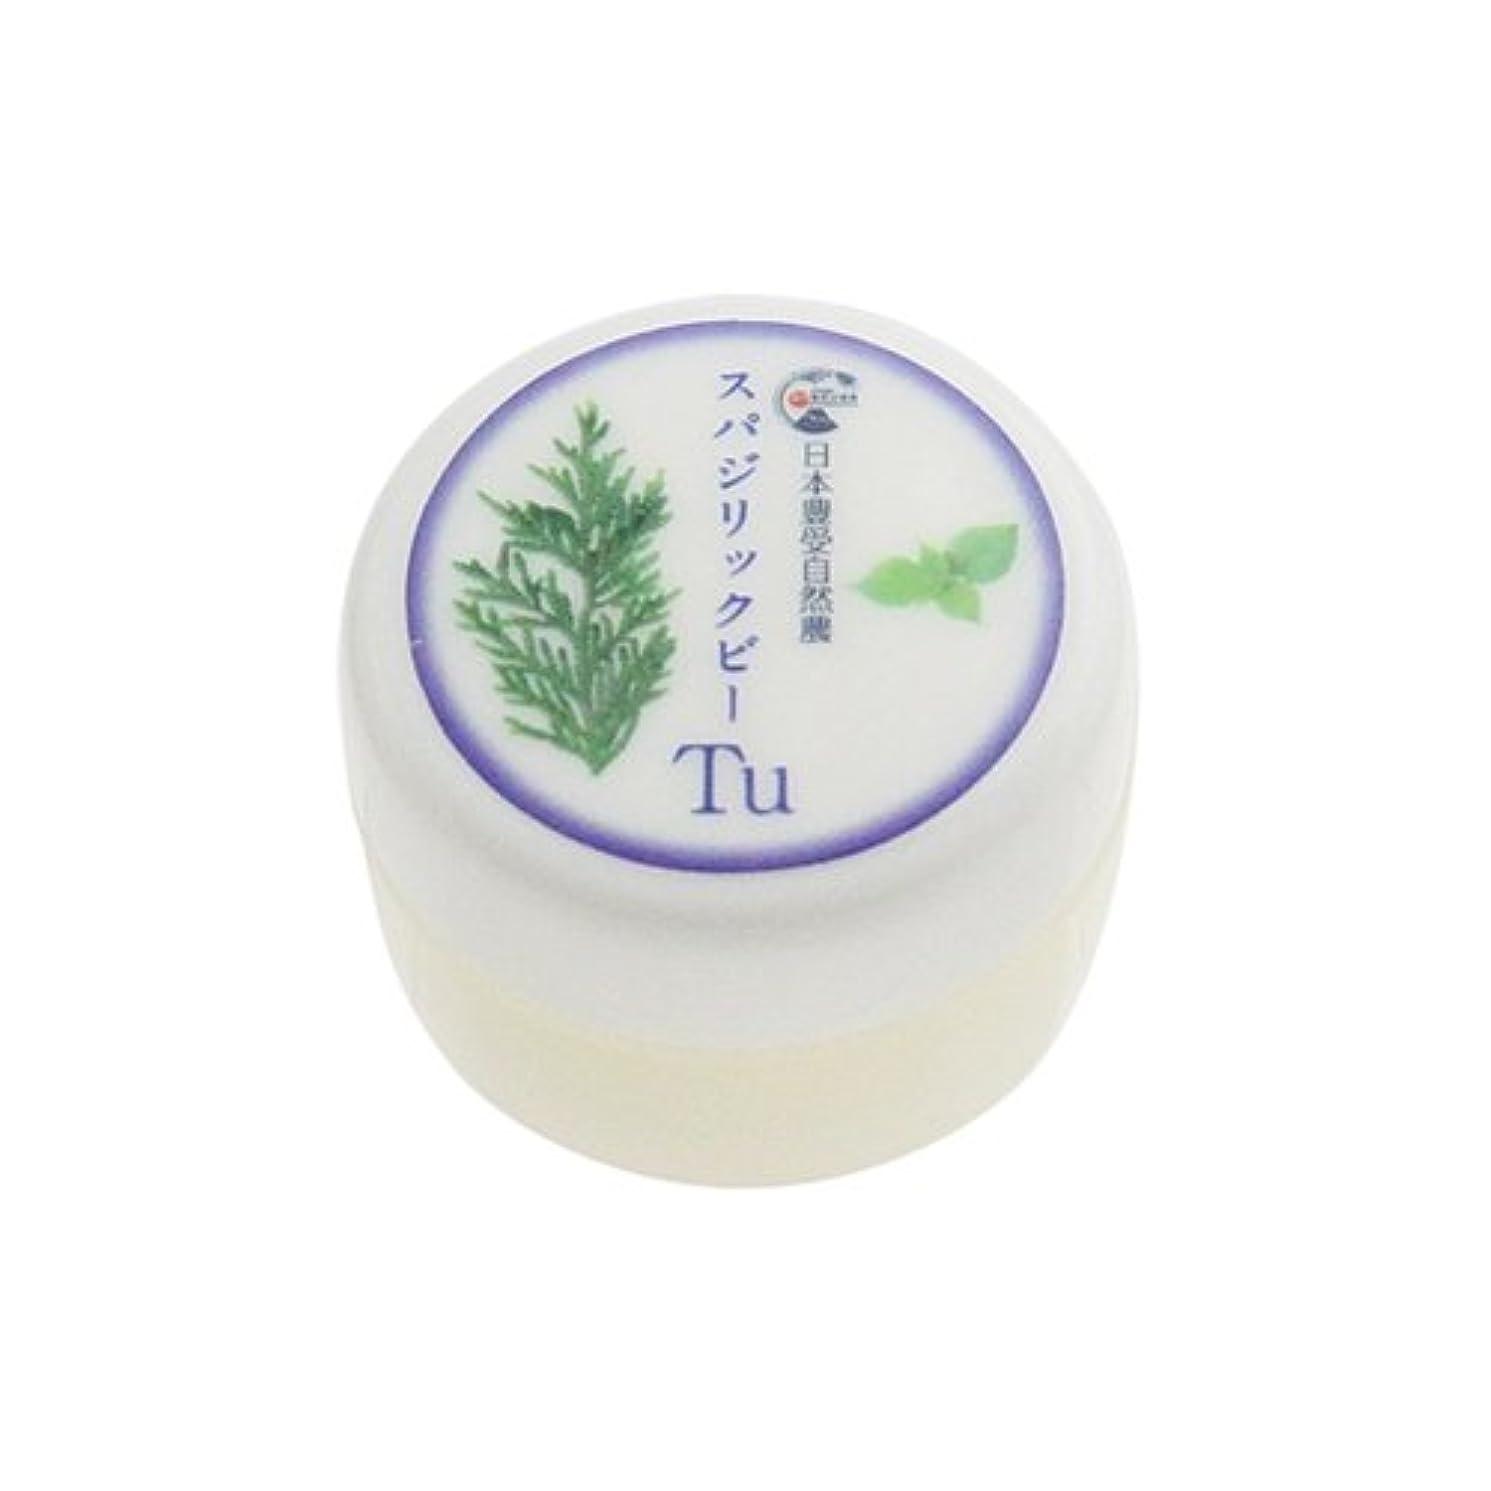 引き受けるその後他の日日本豊受自然農 スパジリック ビーTu(小) 10g